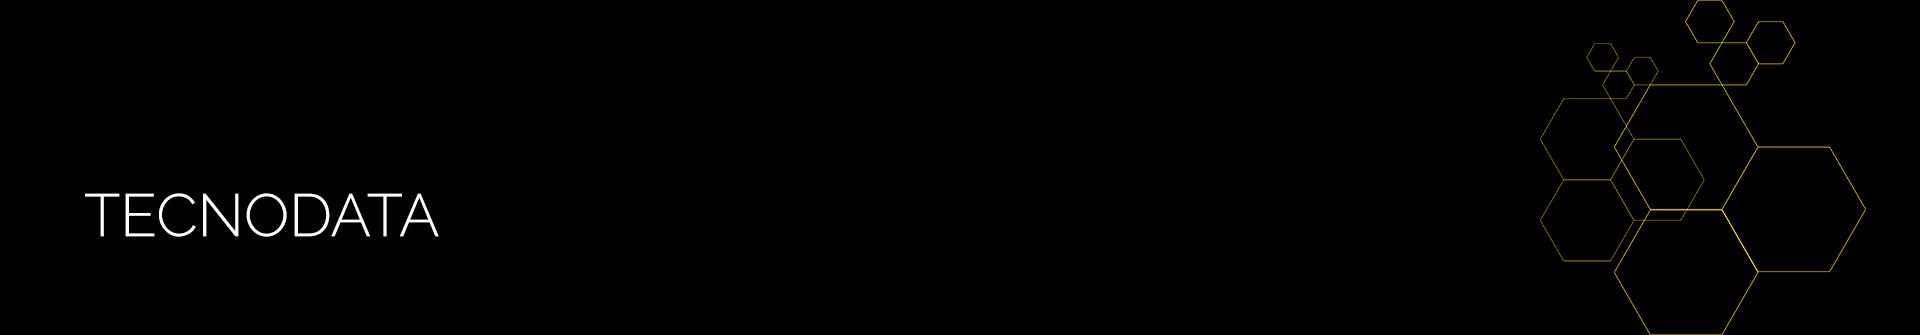 Tecnodata